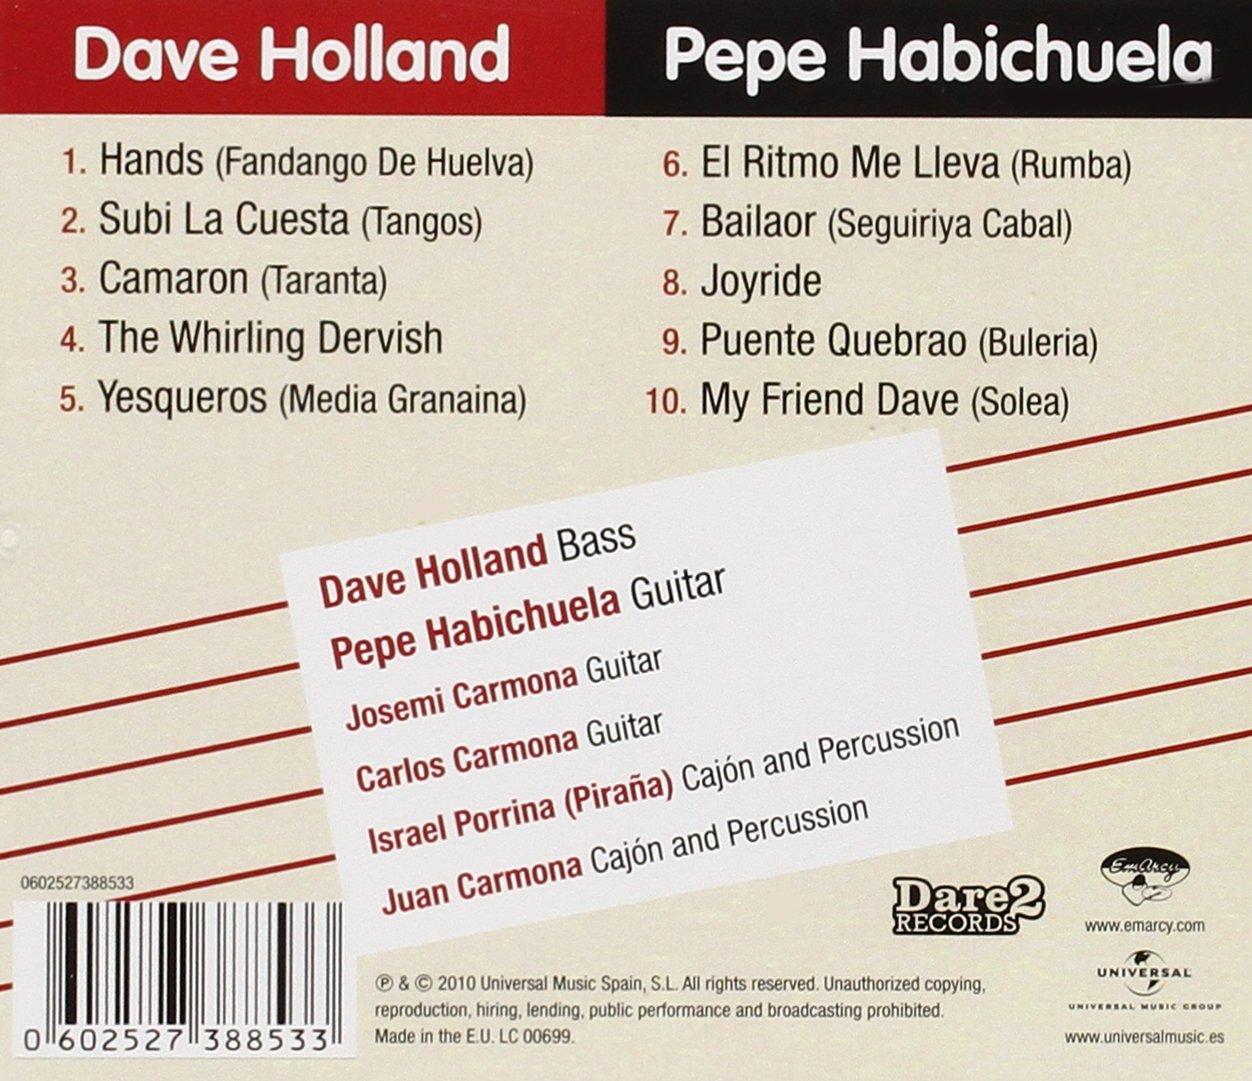 Hands: Dave Holland: Amazon.es: Música